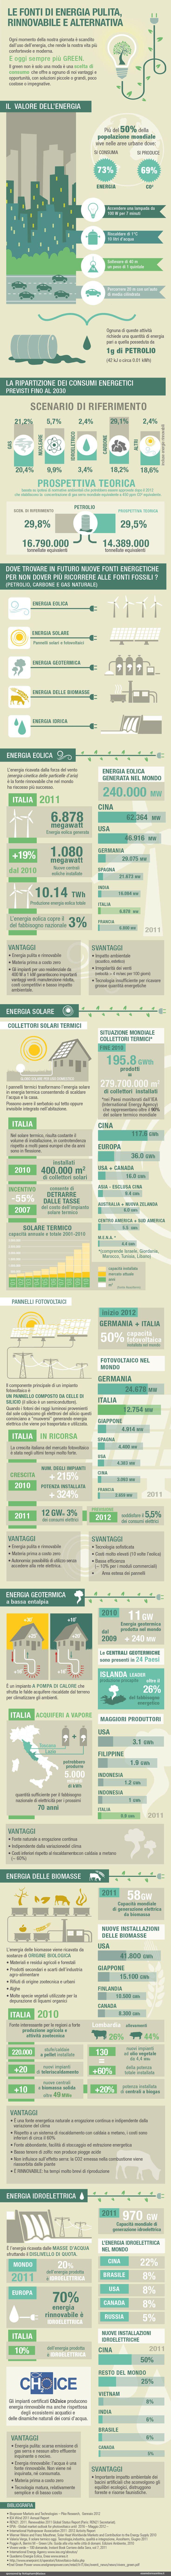 Le fonti di #energia pulita, rinnovabile e alternativa. #ambiente